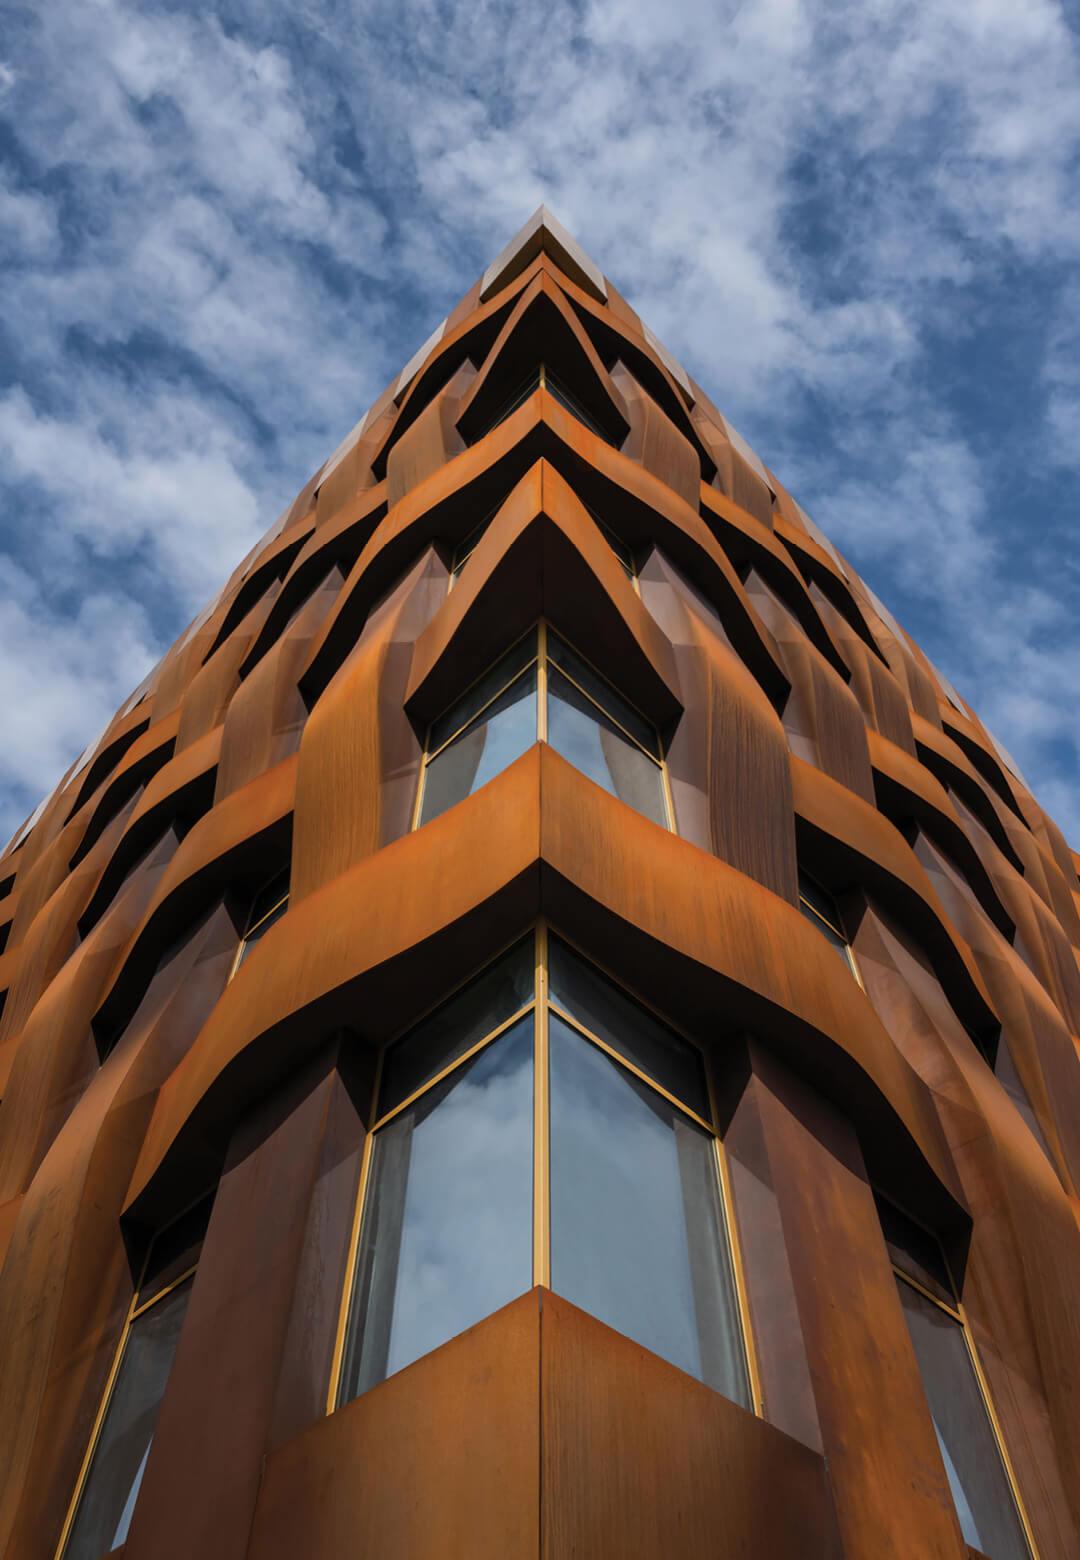 Tchoban Voss Architekten's Ferrum-1, an office building in St. Petersburg, Russia | Ferrum 1 | TCHOBAN VOSS Architekten | STIRworld